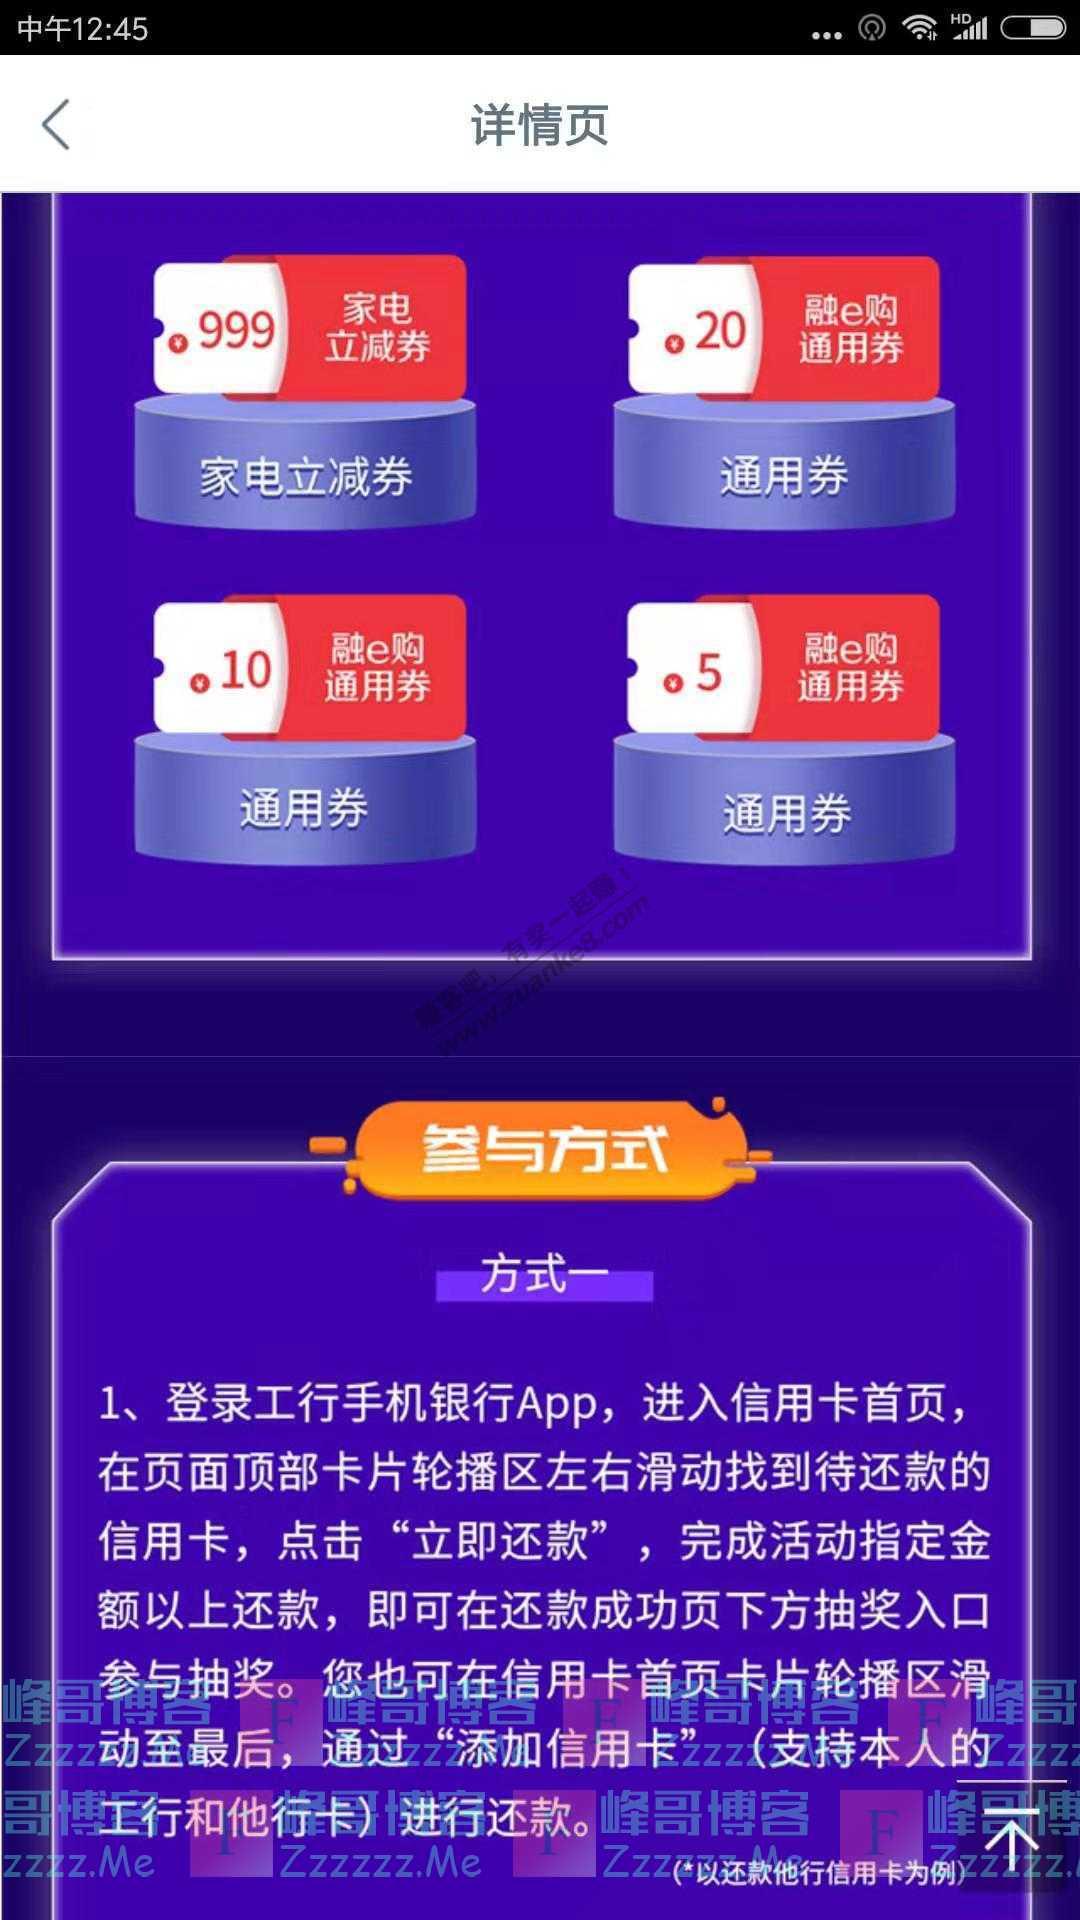 工商银行手机银行App手机银行xing/用卡还款笔笔抽奖乐不停(截止12月31日)